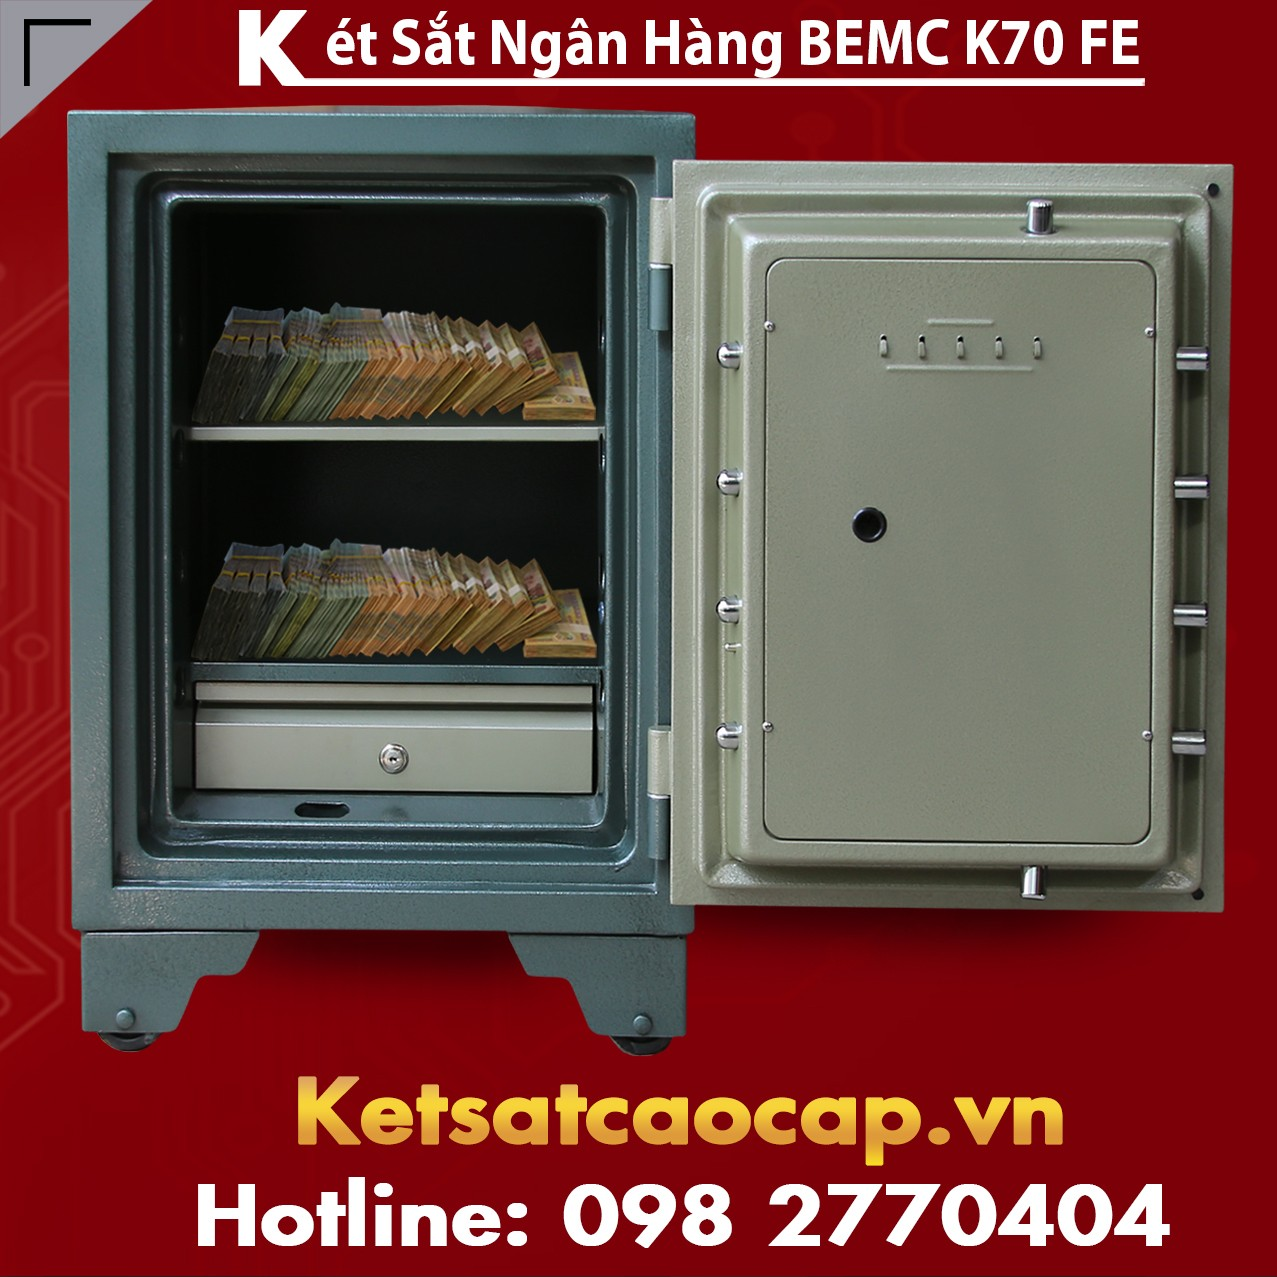 Két Sắt Vân Tay Điện Tử Hàn Quốc BEMC K70 FE Khuyến Mãi Sập Sàn VN